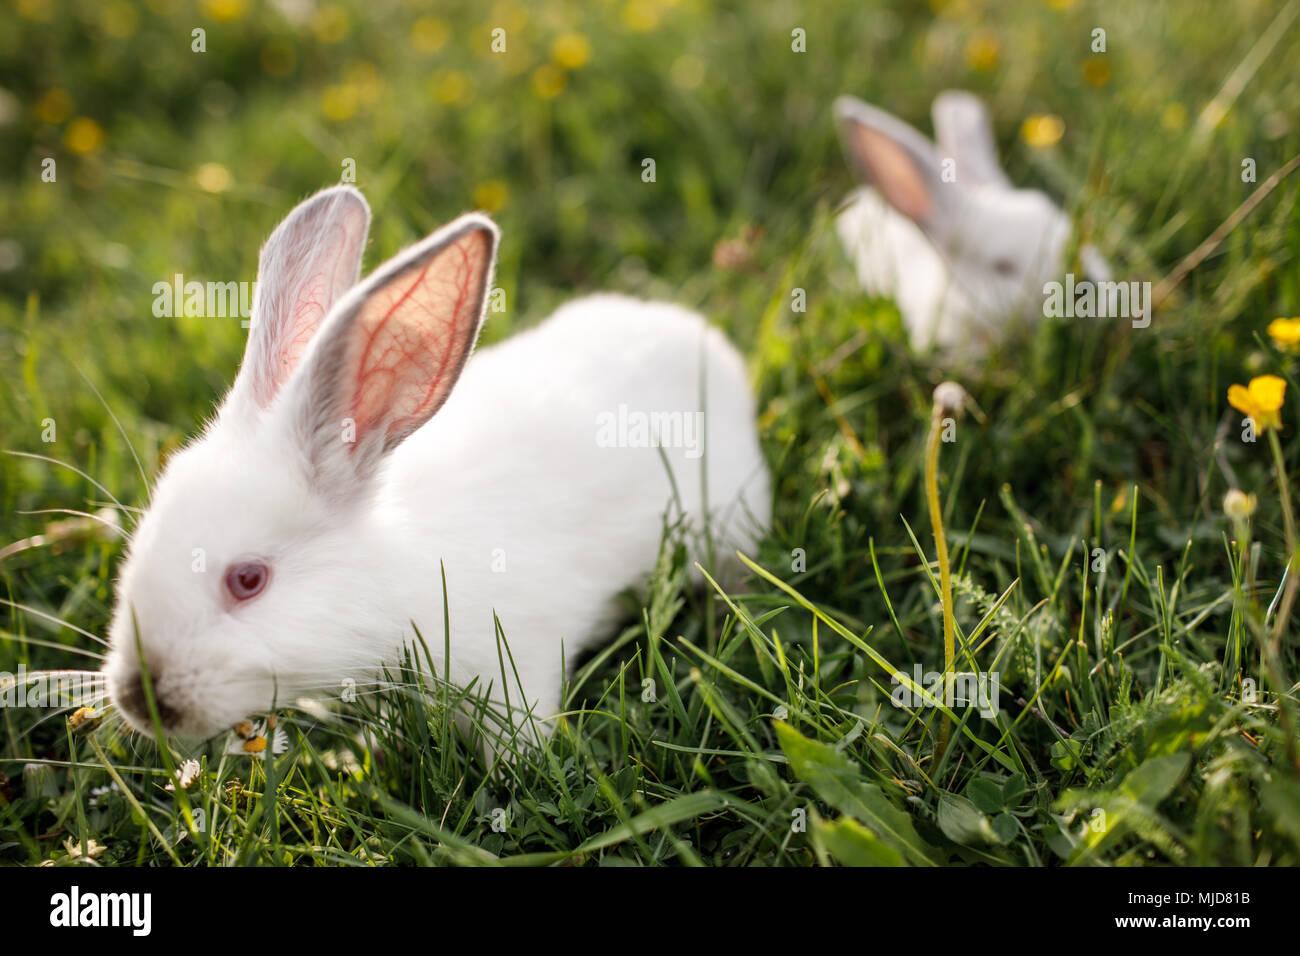 Baby coniglio bianco in primavera erba verde sullo sfondo Immagini Stock